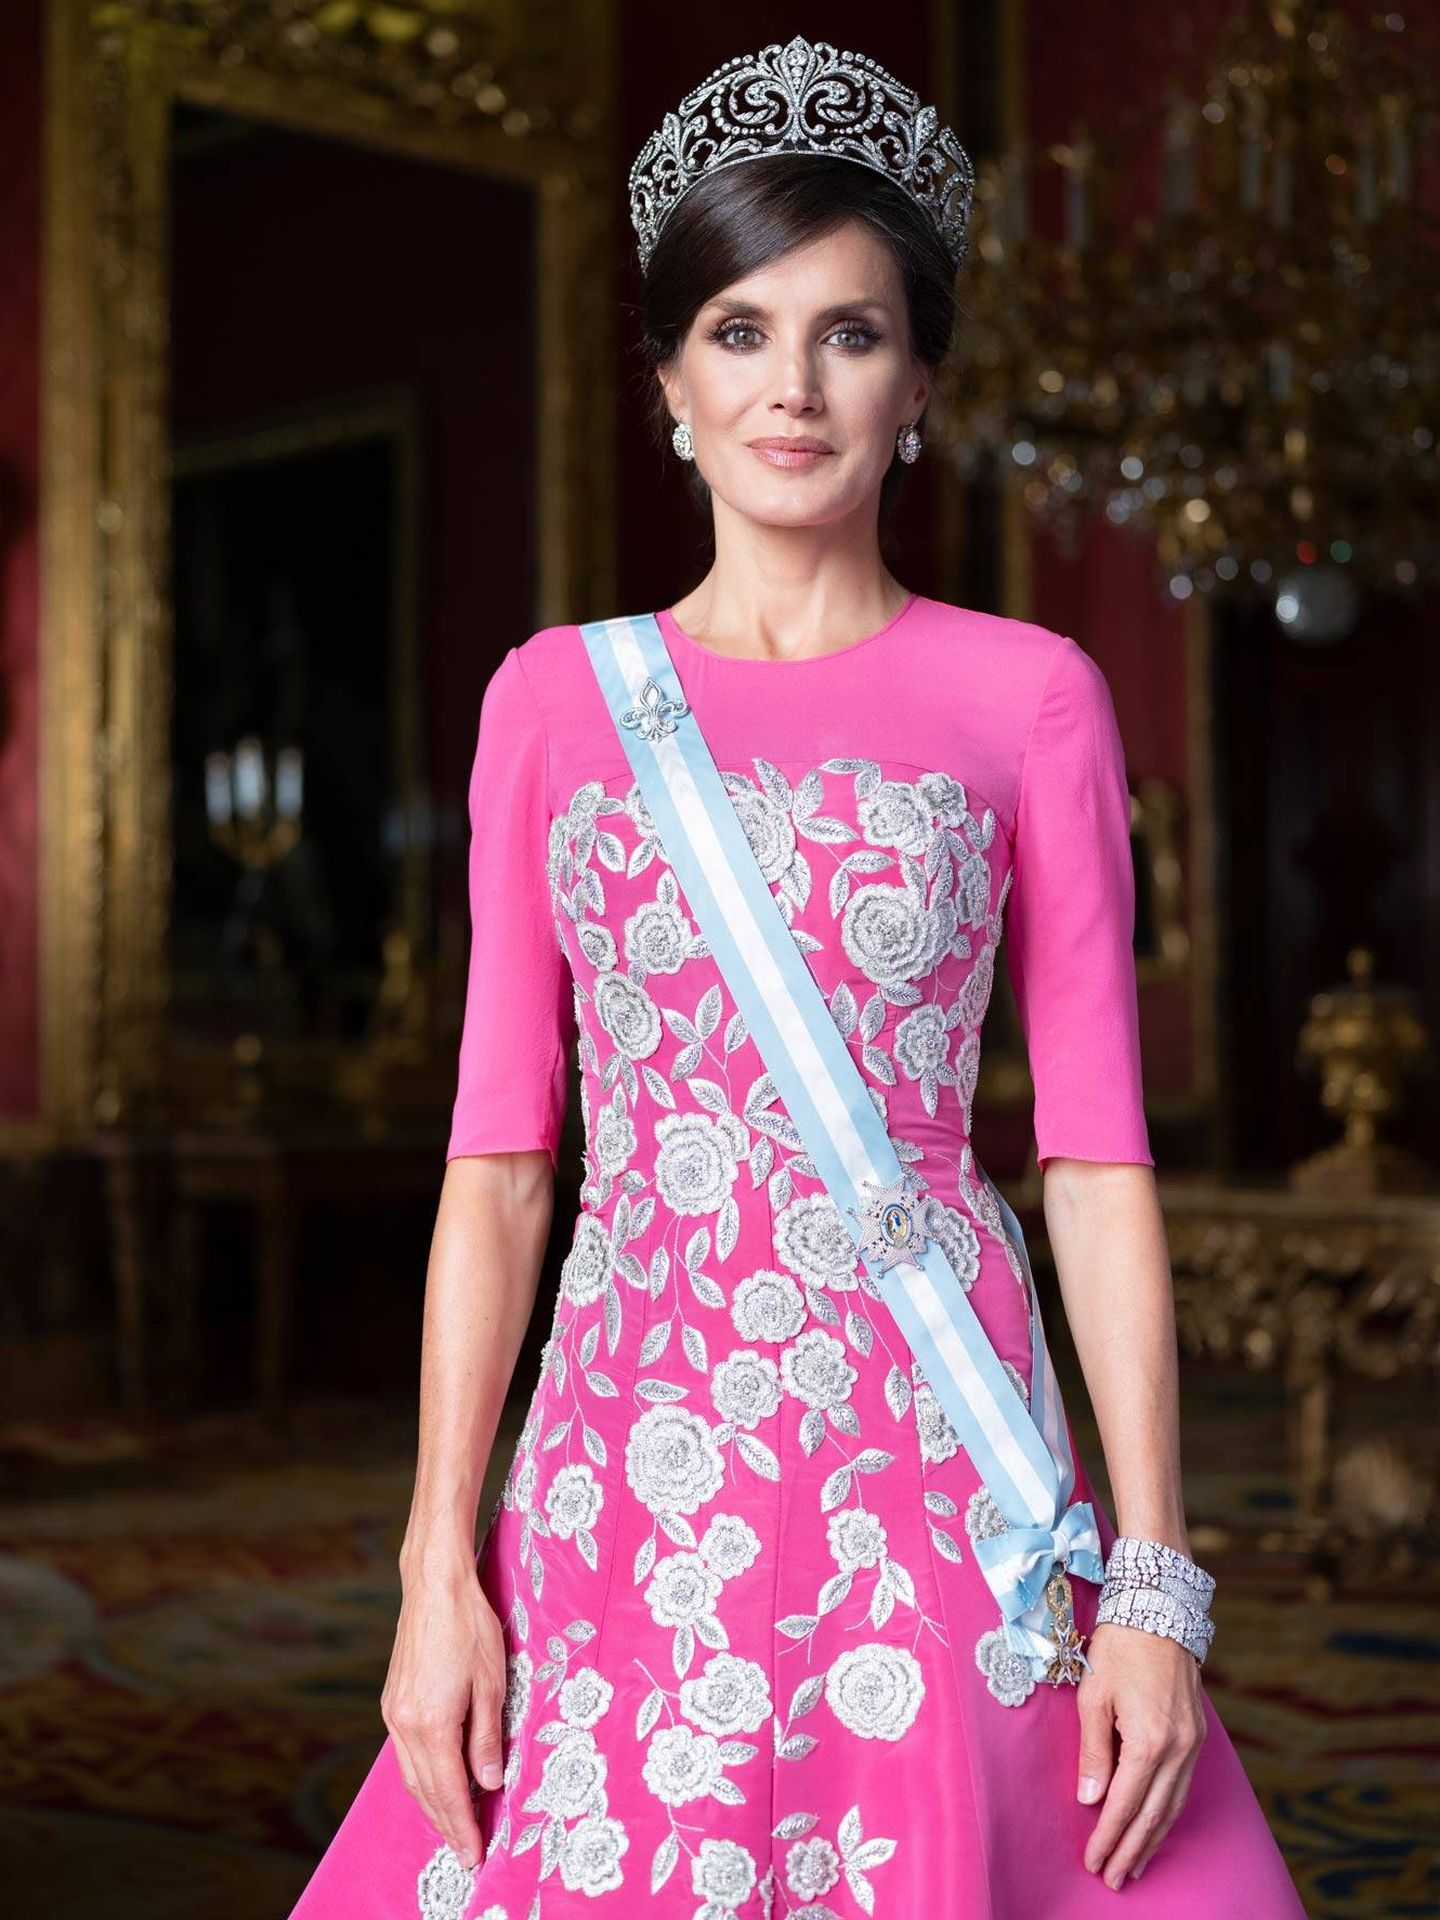 La Reina de gala. (Casa Real)